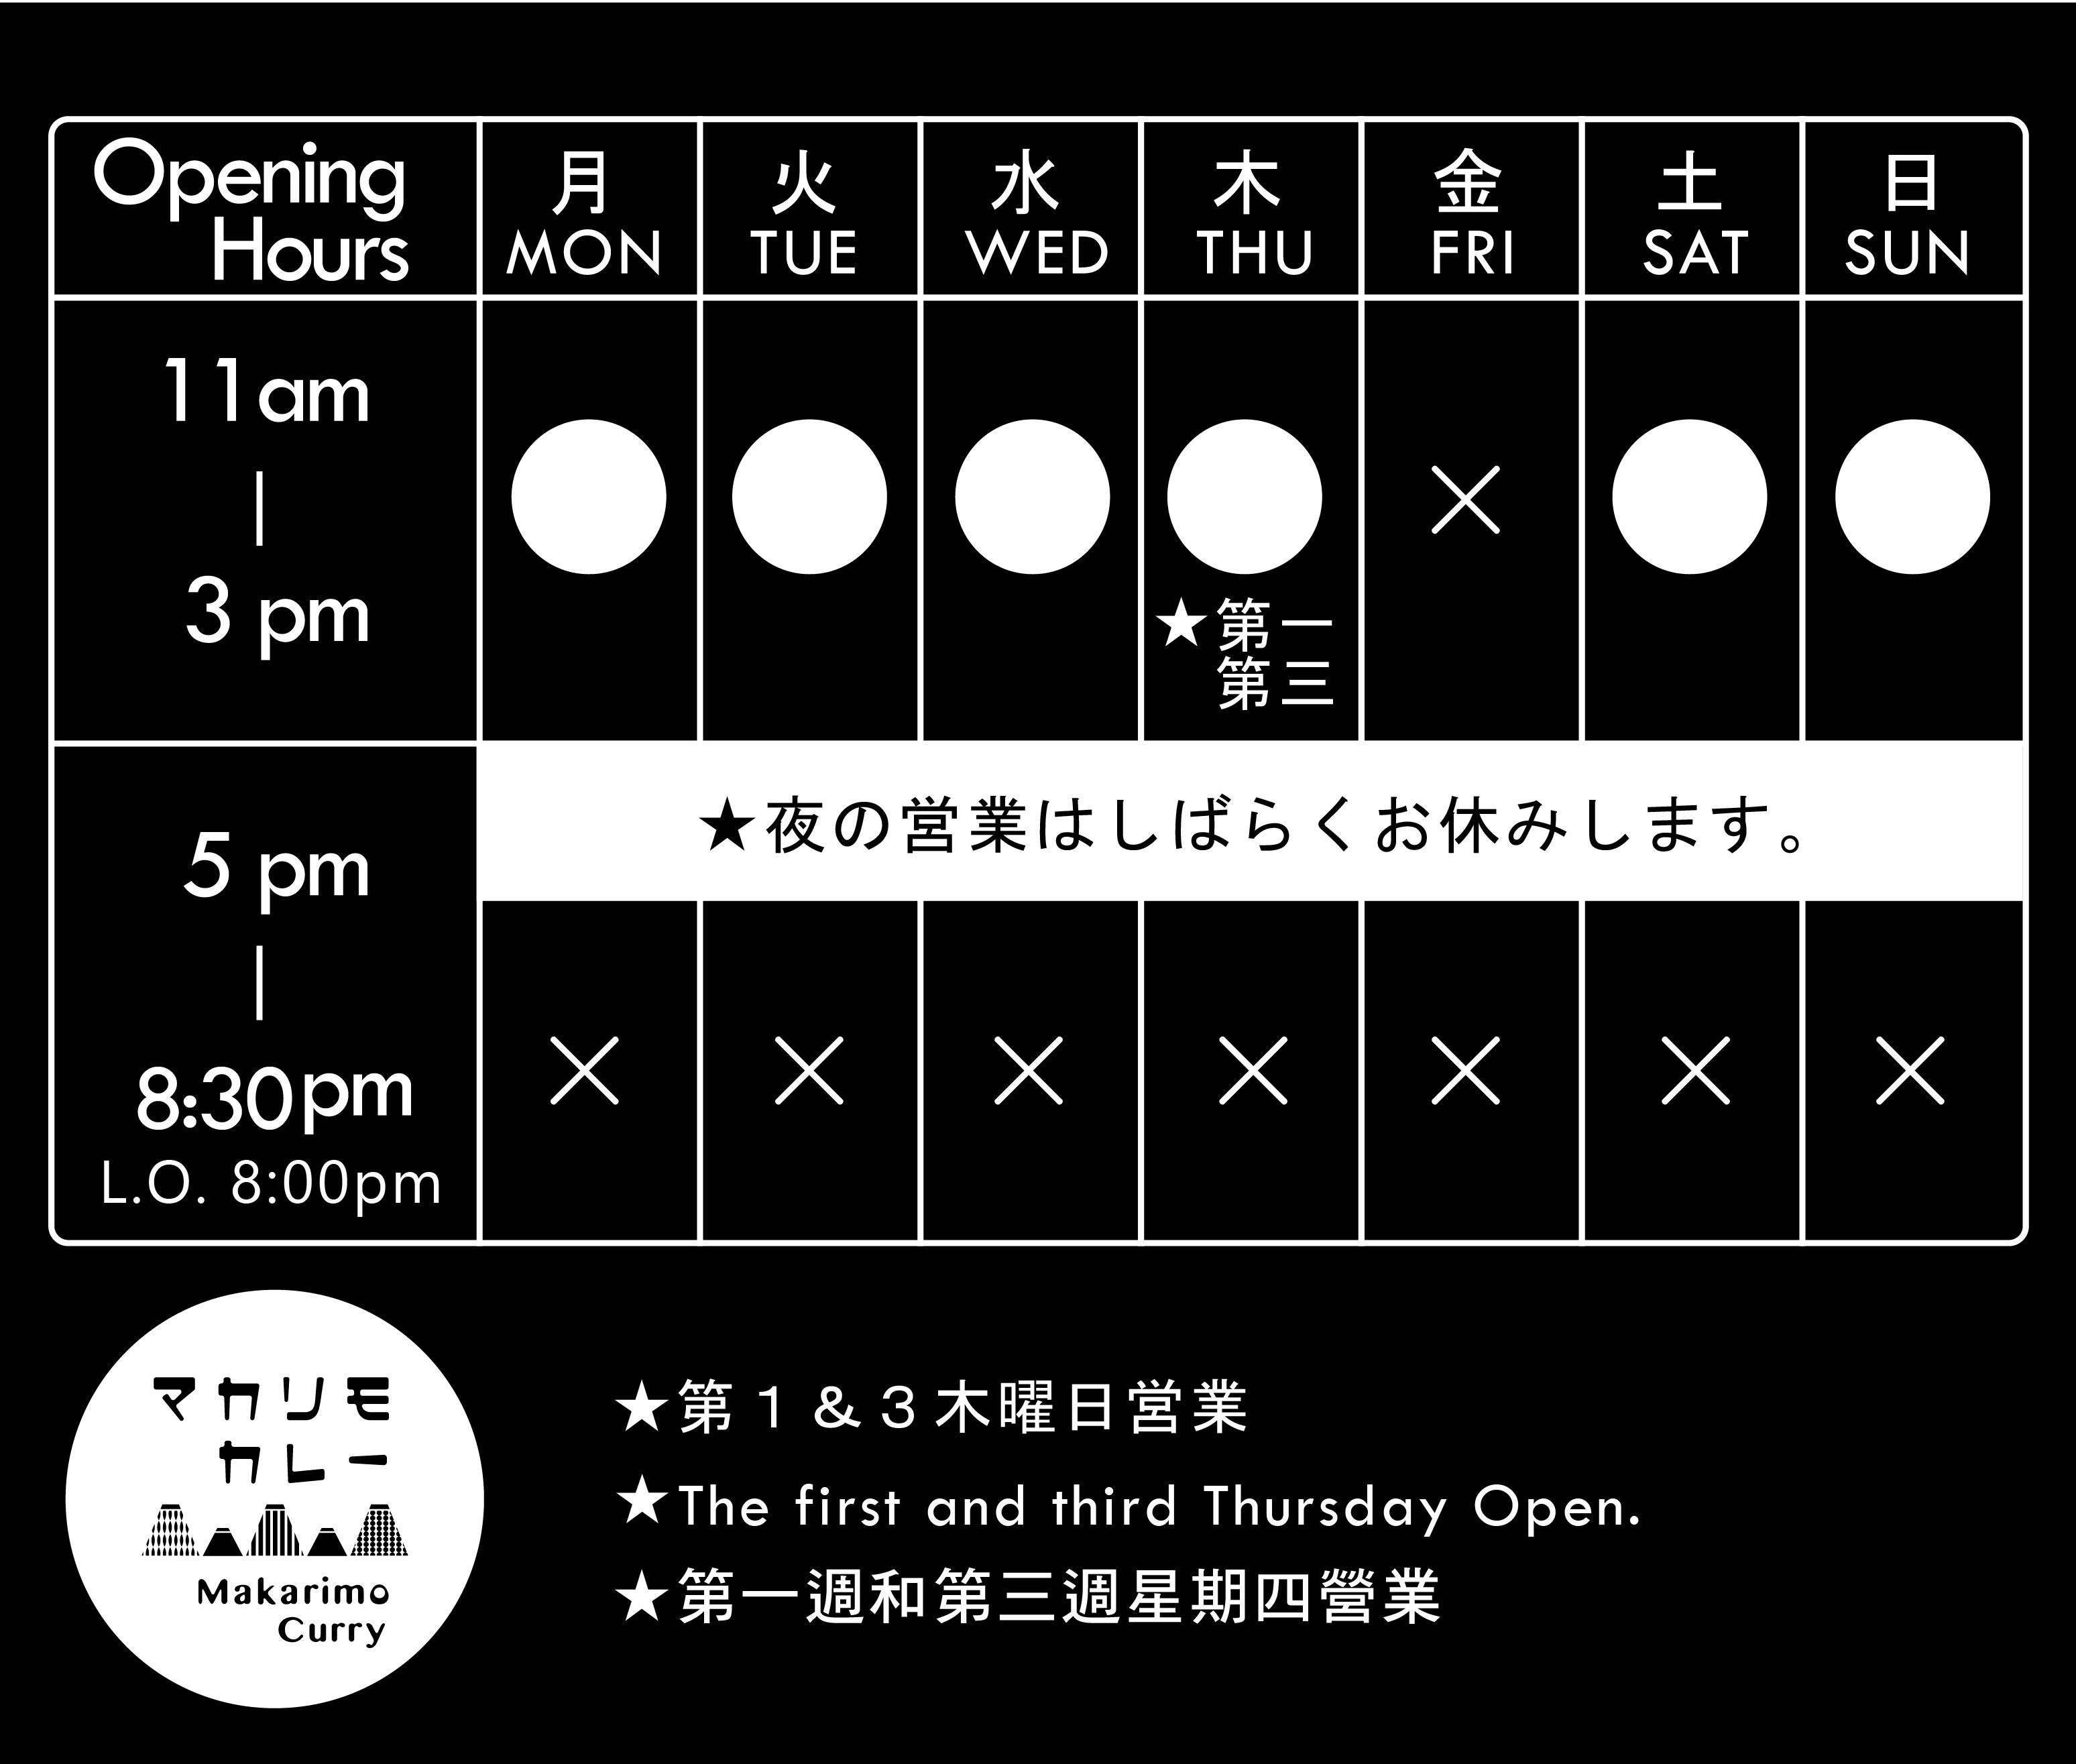 営業時間 / Opening Hours / 營業時間